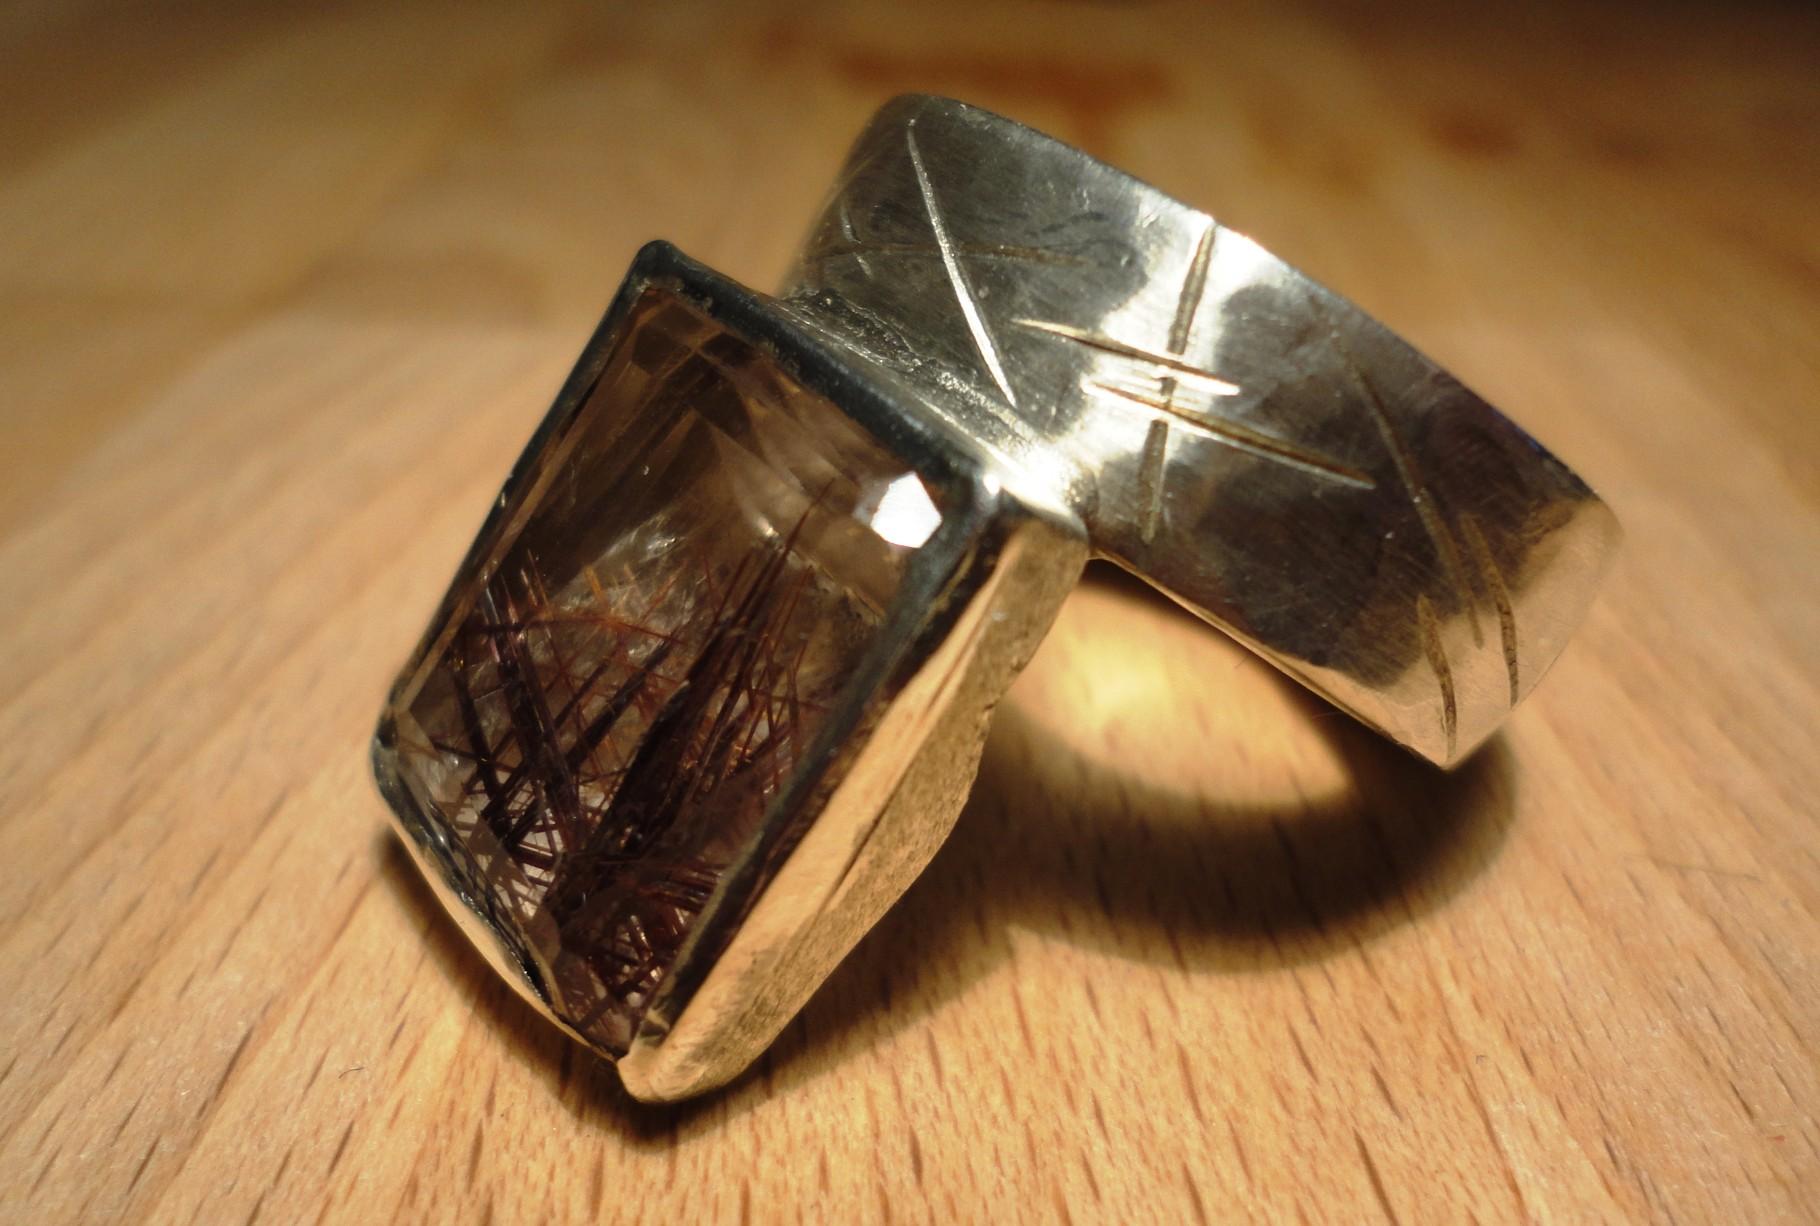 Silberring mit Rutilquarz - Stein wird nach hinten getragen und verlängert optisch die Finger (925 Sterlingsilber) Preis: CHF 300.-